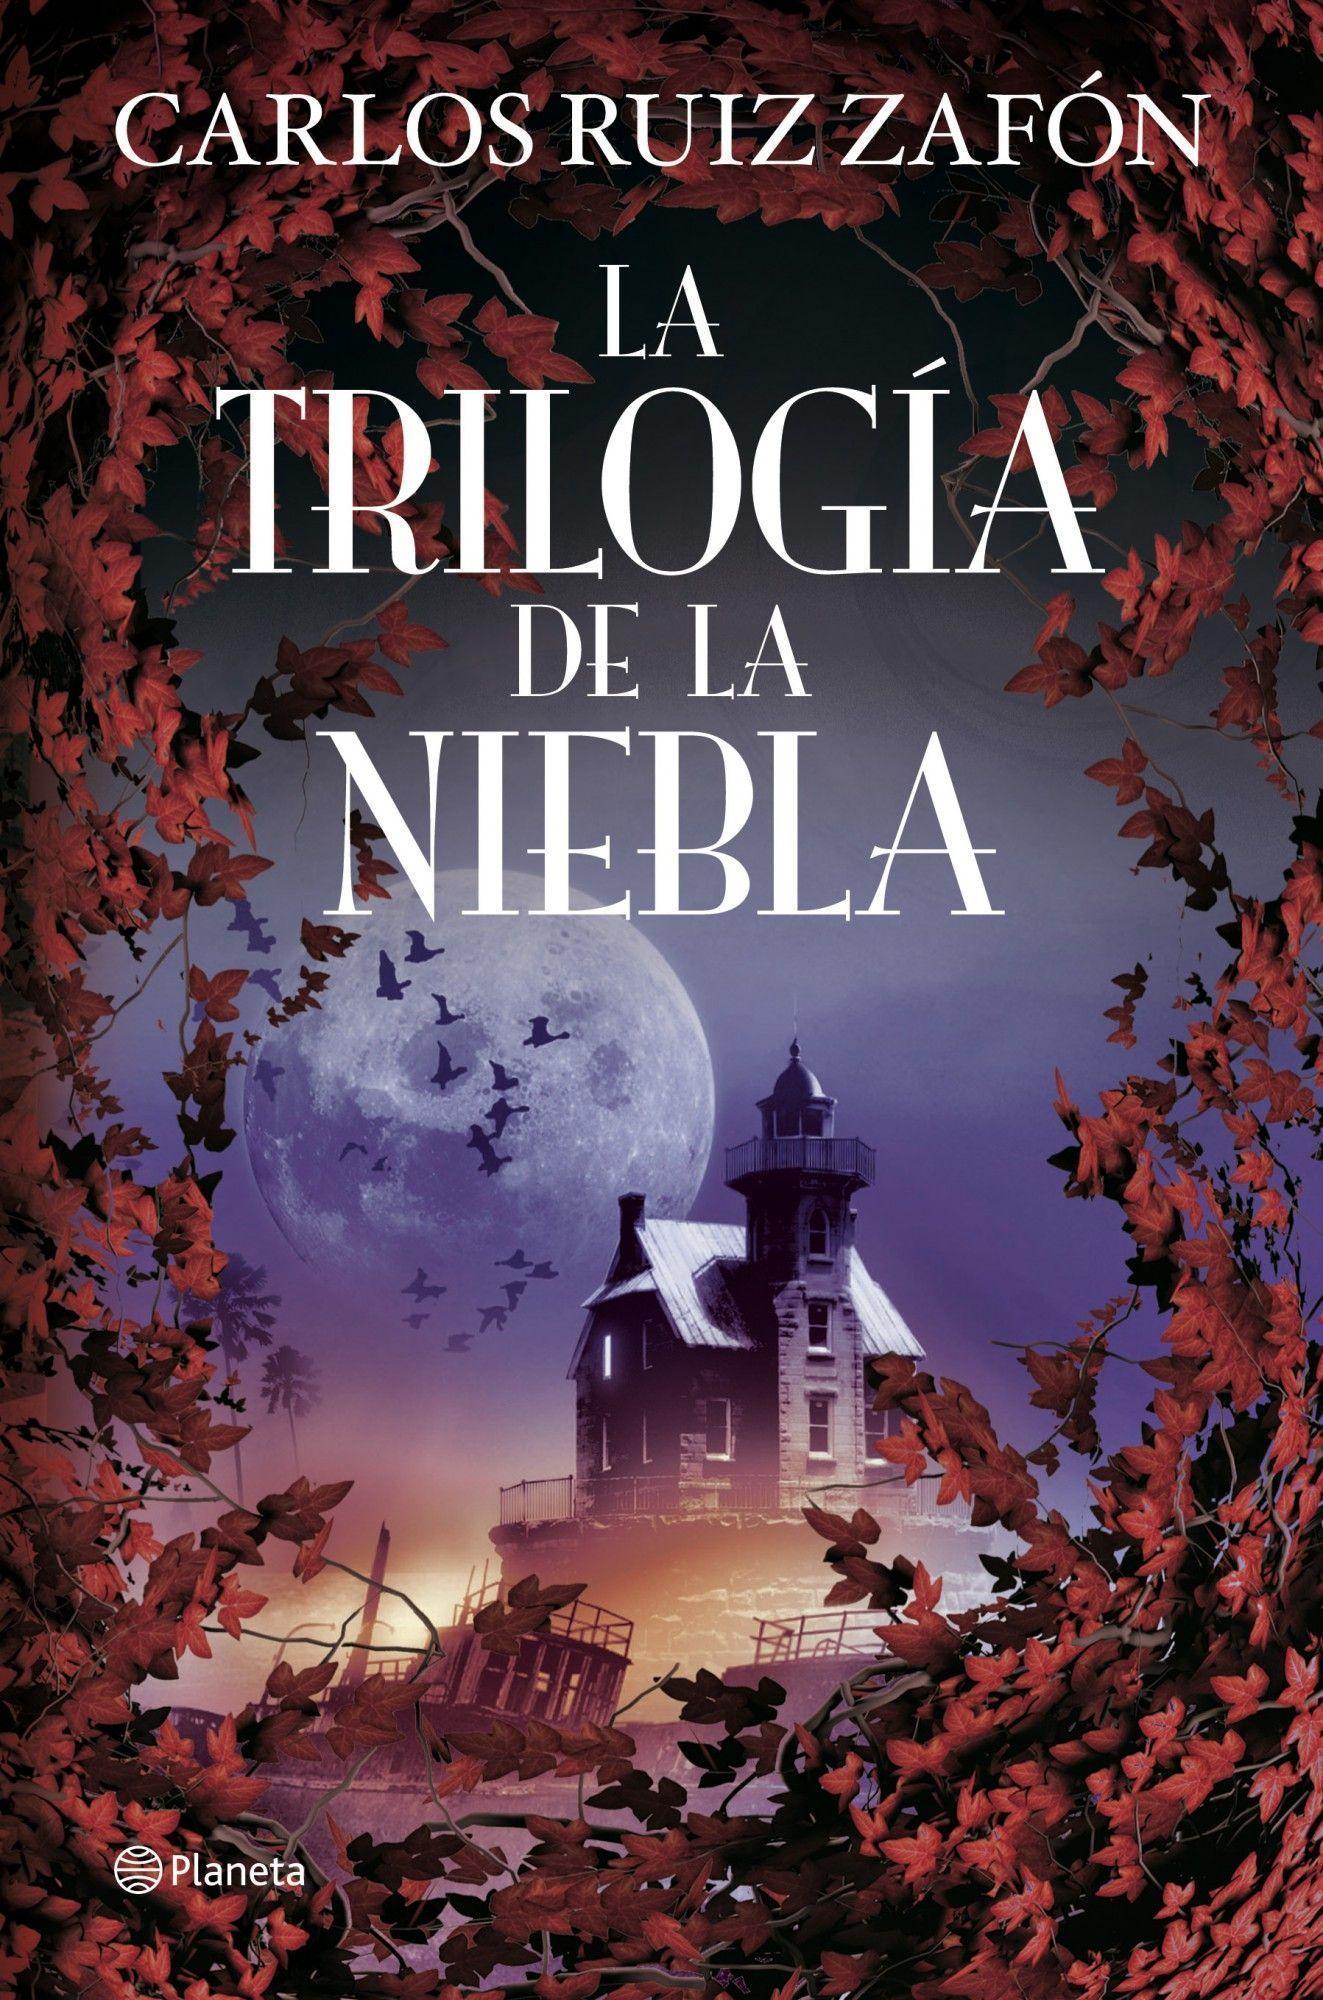 La Trilogia De La Niebla por Carlos Ruiz Zafon